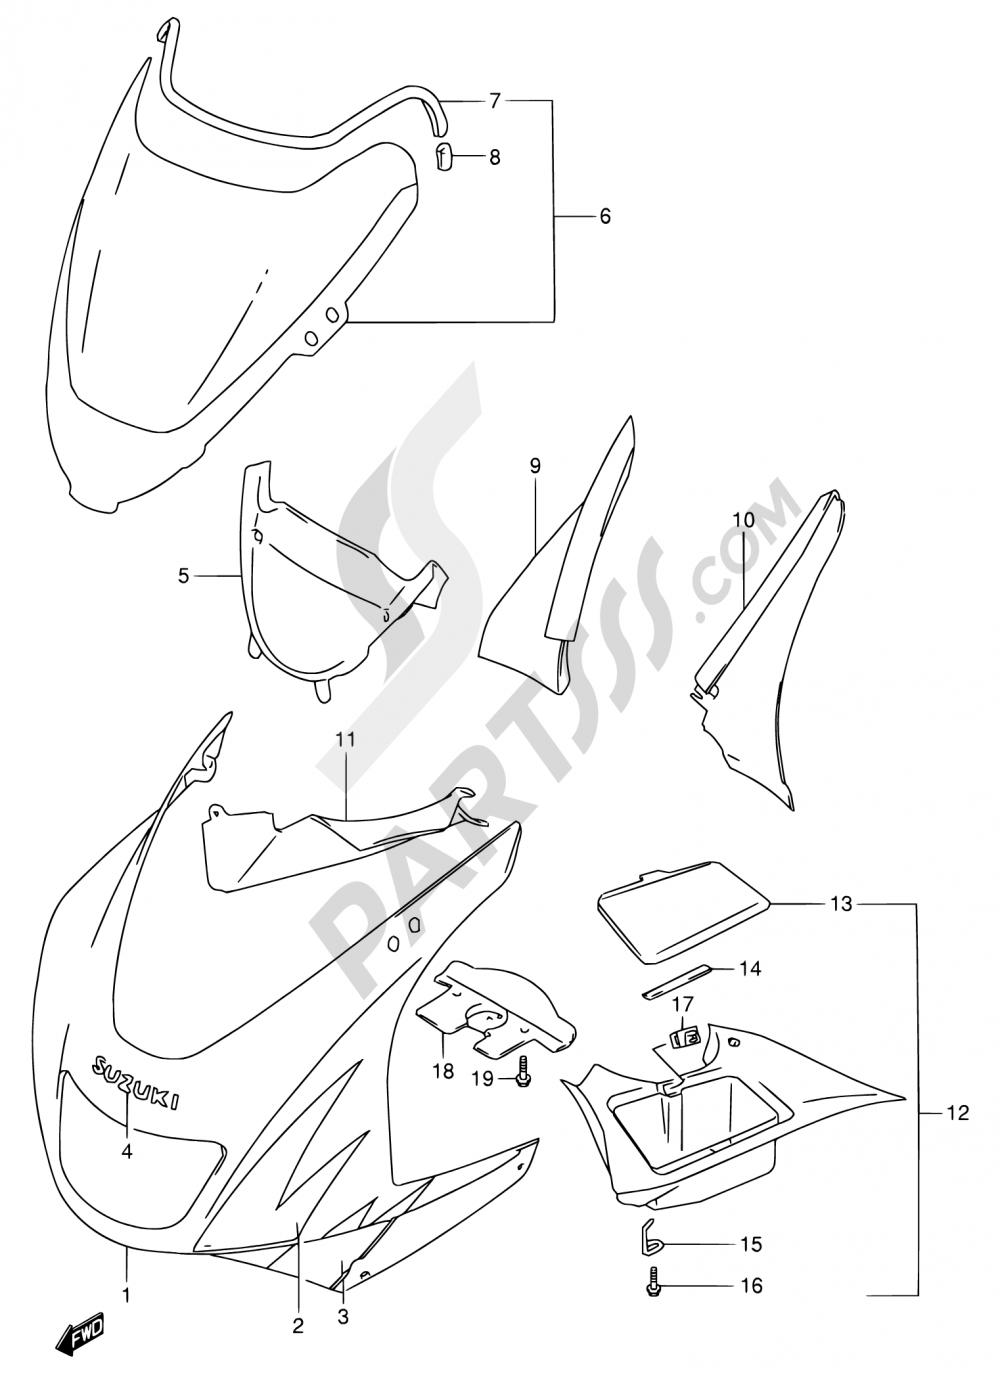 44B - COWLING BODY (RF900RT/RV) Suzuki RF900R 1997